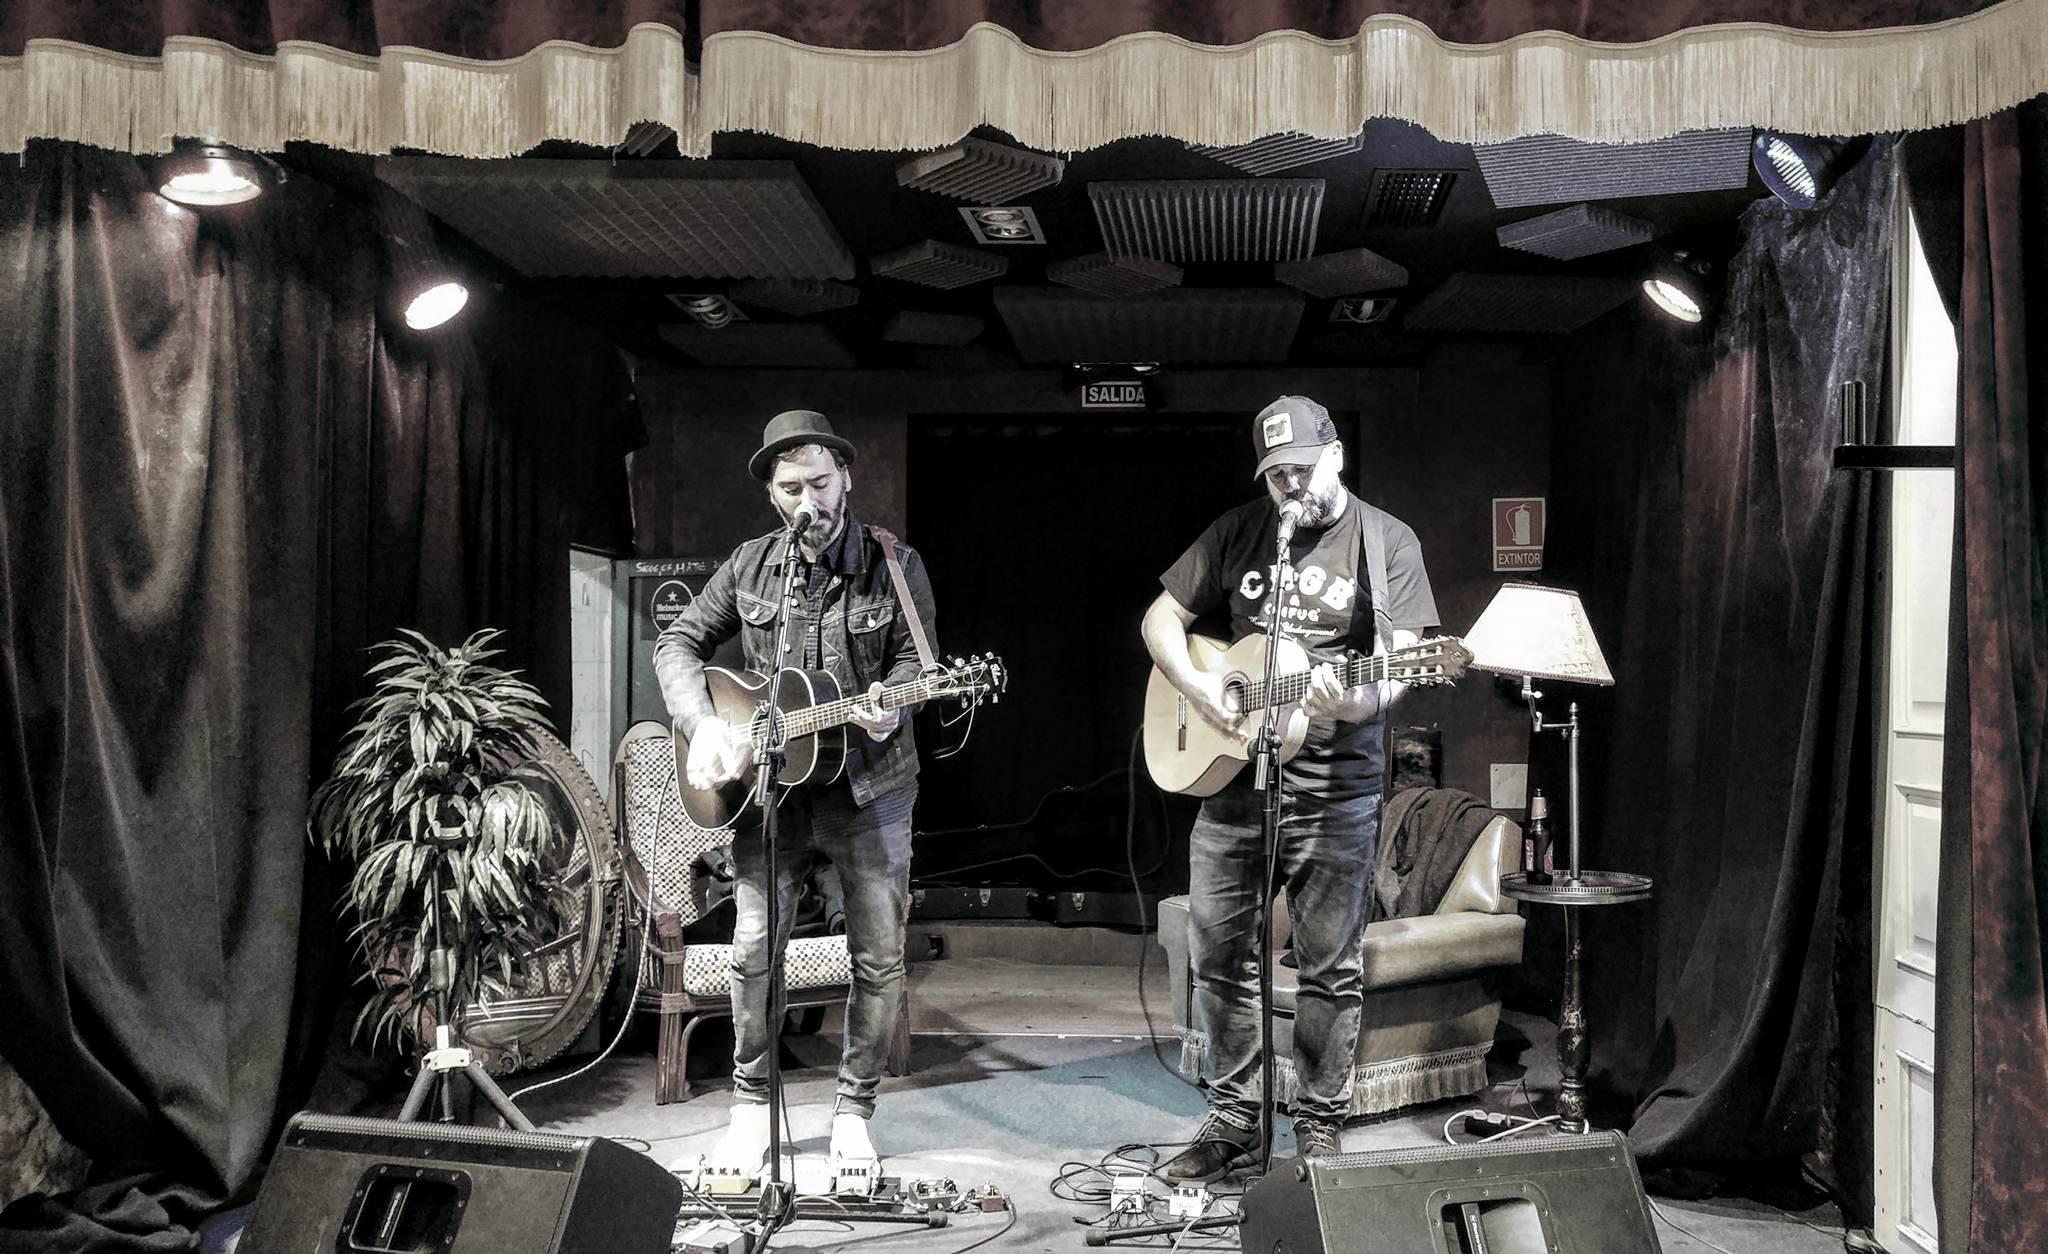 Presentación de 'Lluvia y truenos' de Mc Enroe y The New Raemon en Oviedo. / LA SALVAJE